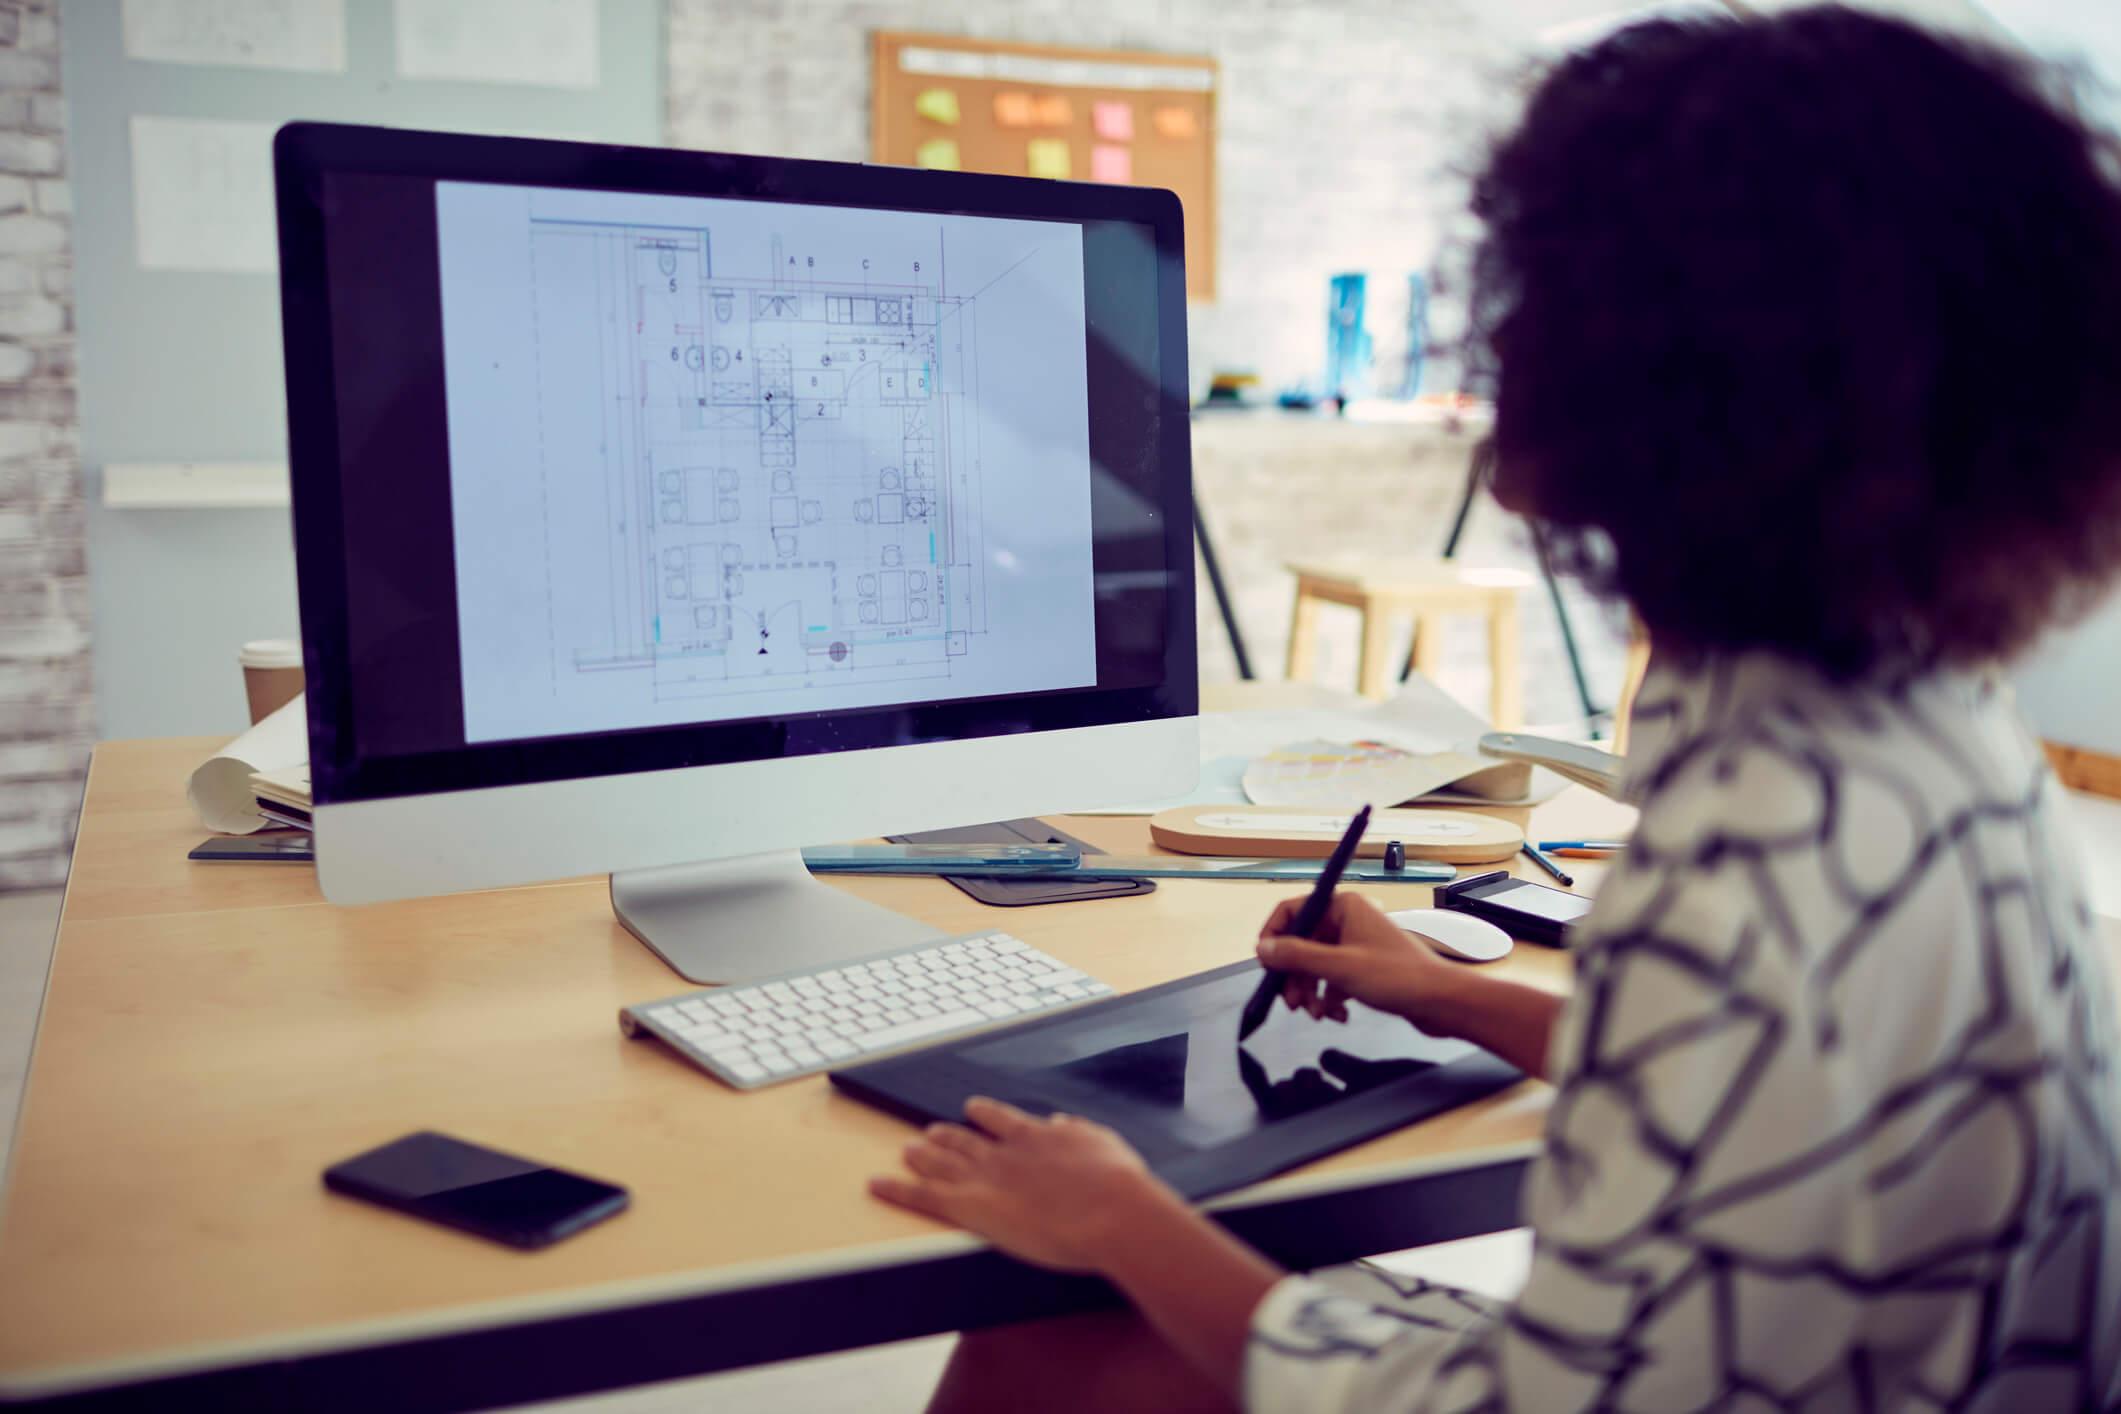 Curso de arquitetura: saiba mais sobre o curso e o mercado de trabalho